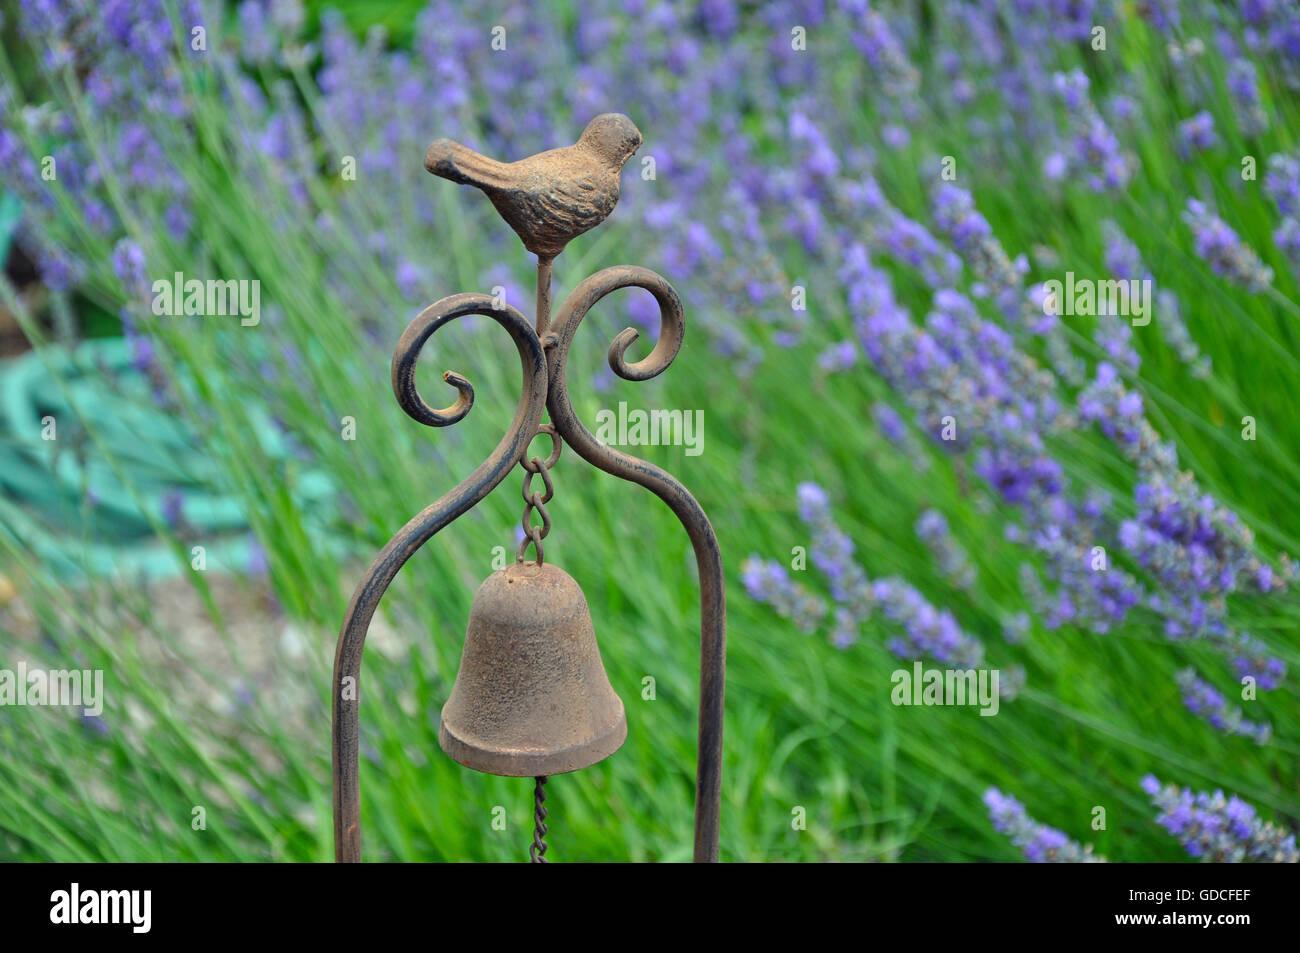 Pretty bird decorative wind chime in lavender garden - Stock Image